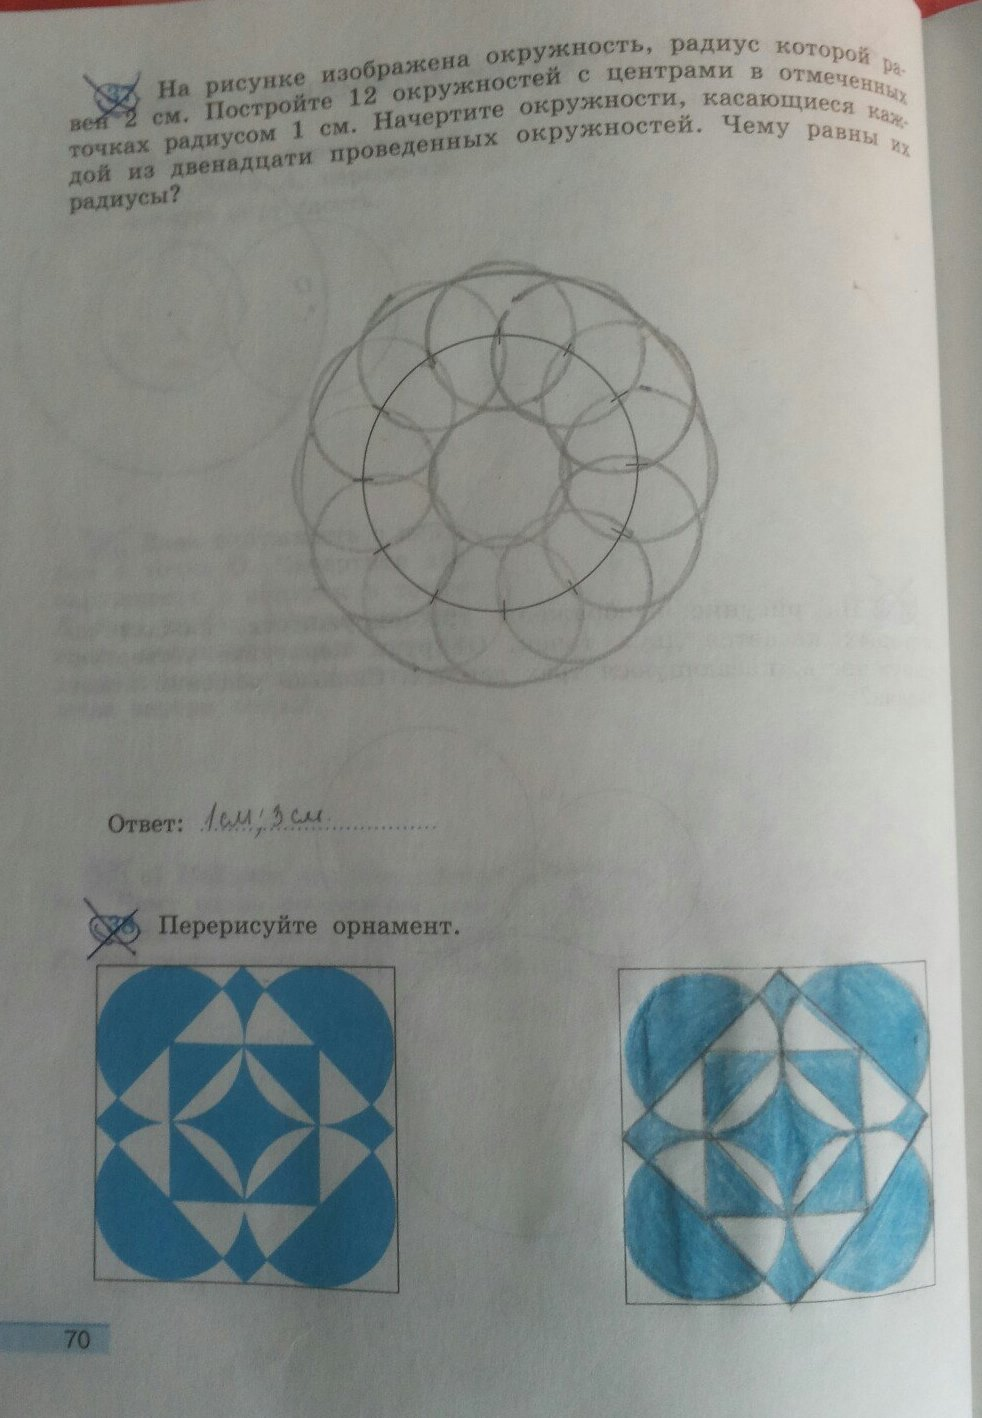 гдз по математике 5 класс дорофеев шарыгин кузнецова минаева рослова